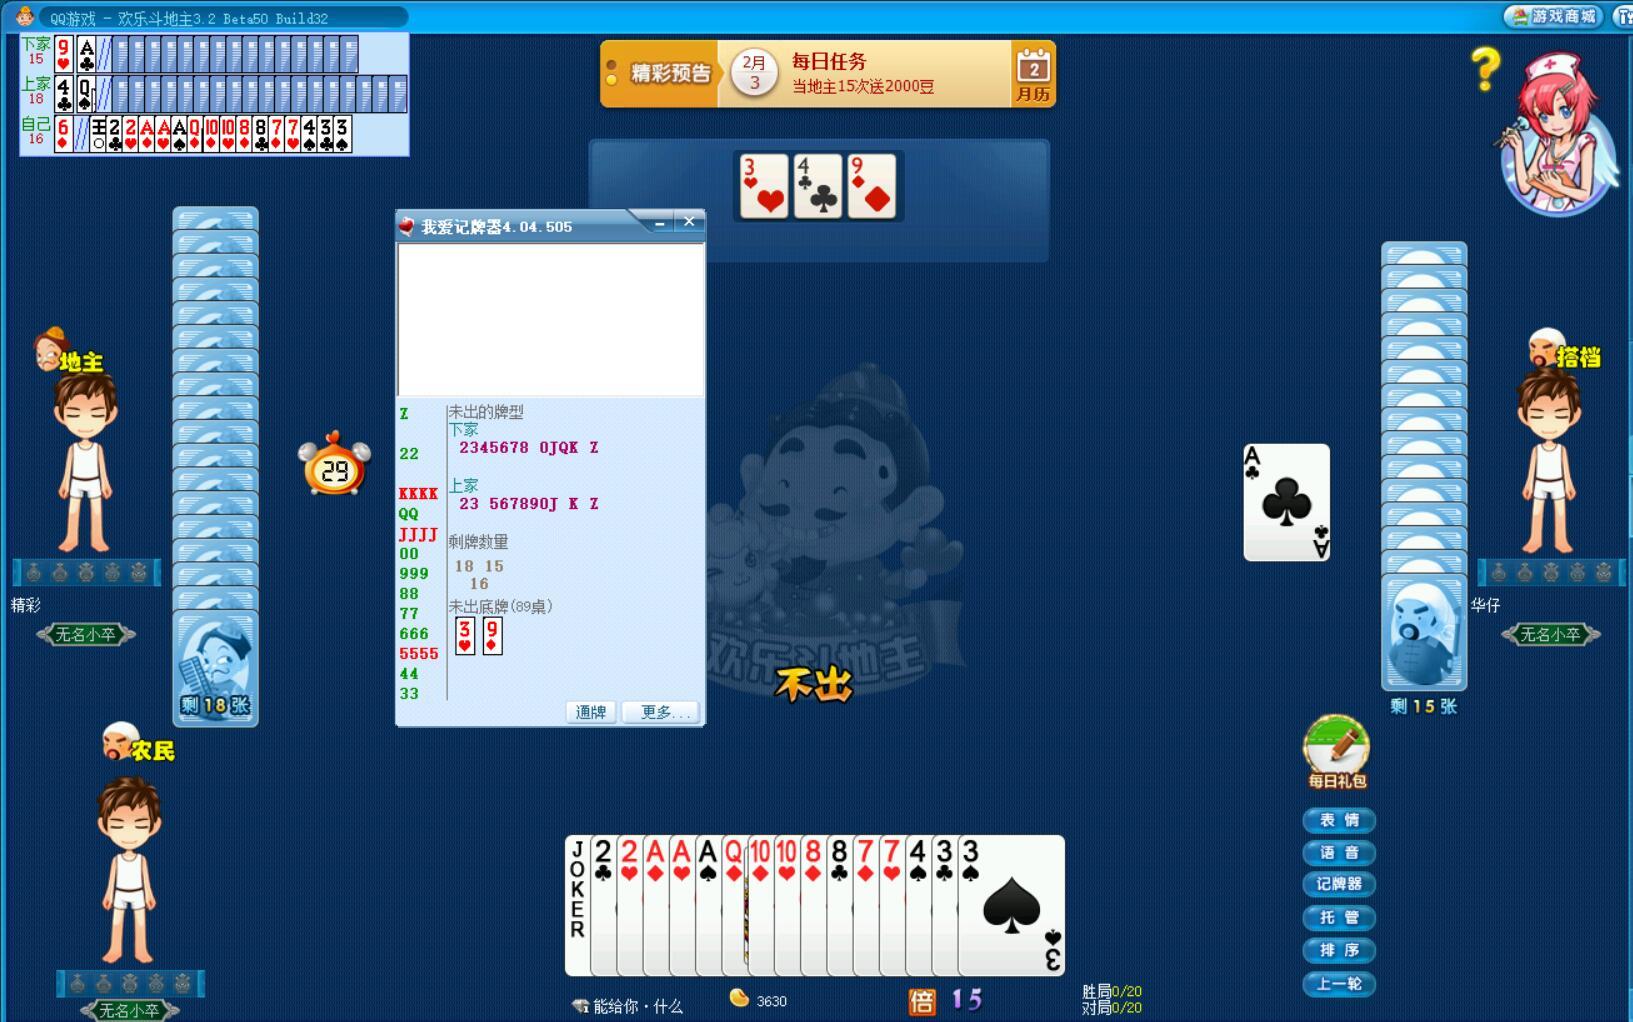 我爱记牌器 QQ游戏大厅统计剩余牌轻松出牌决策